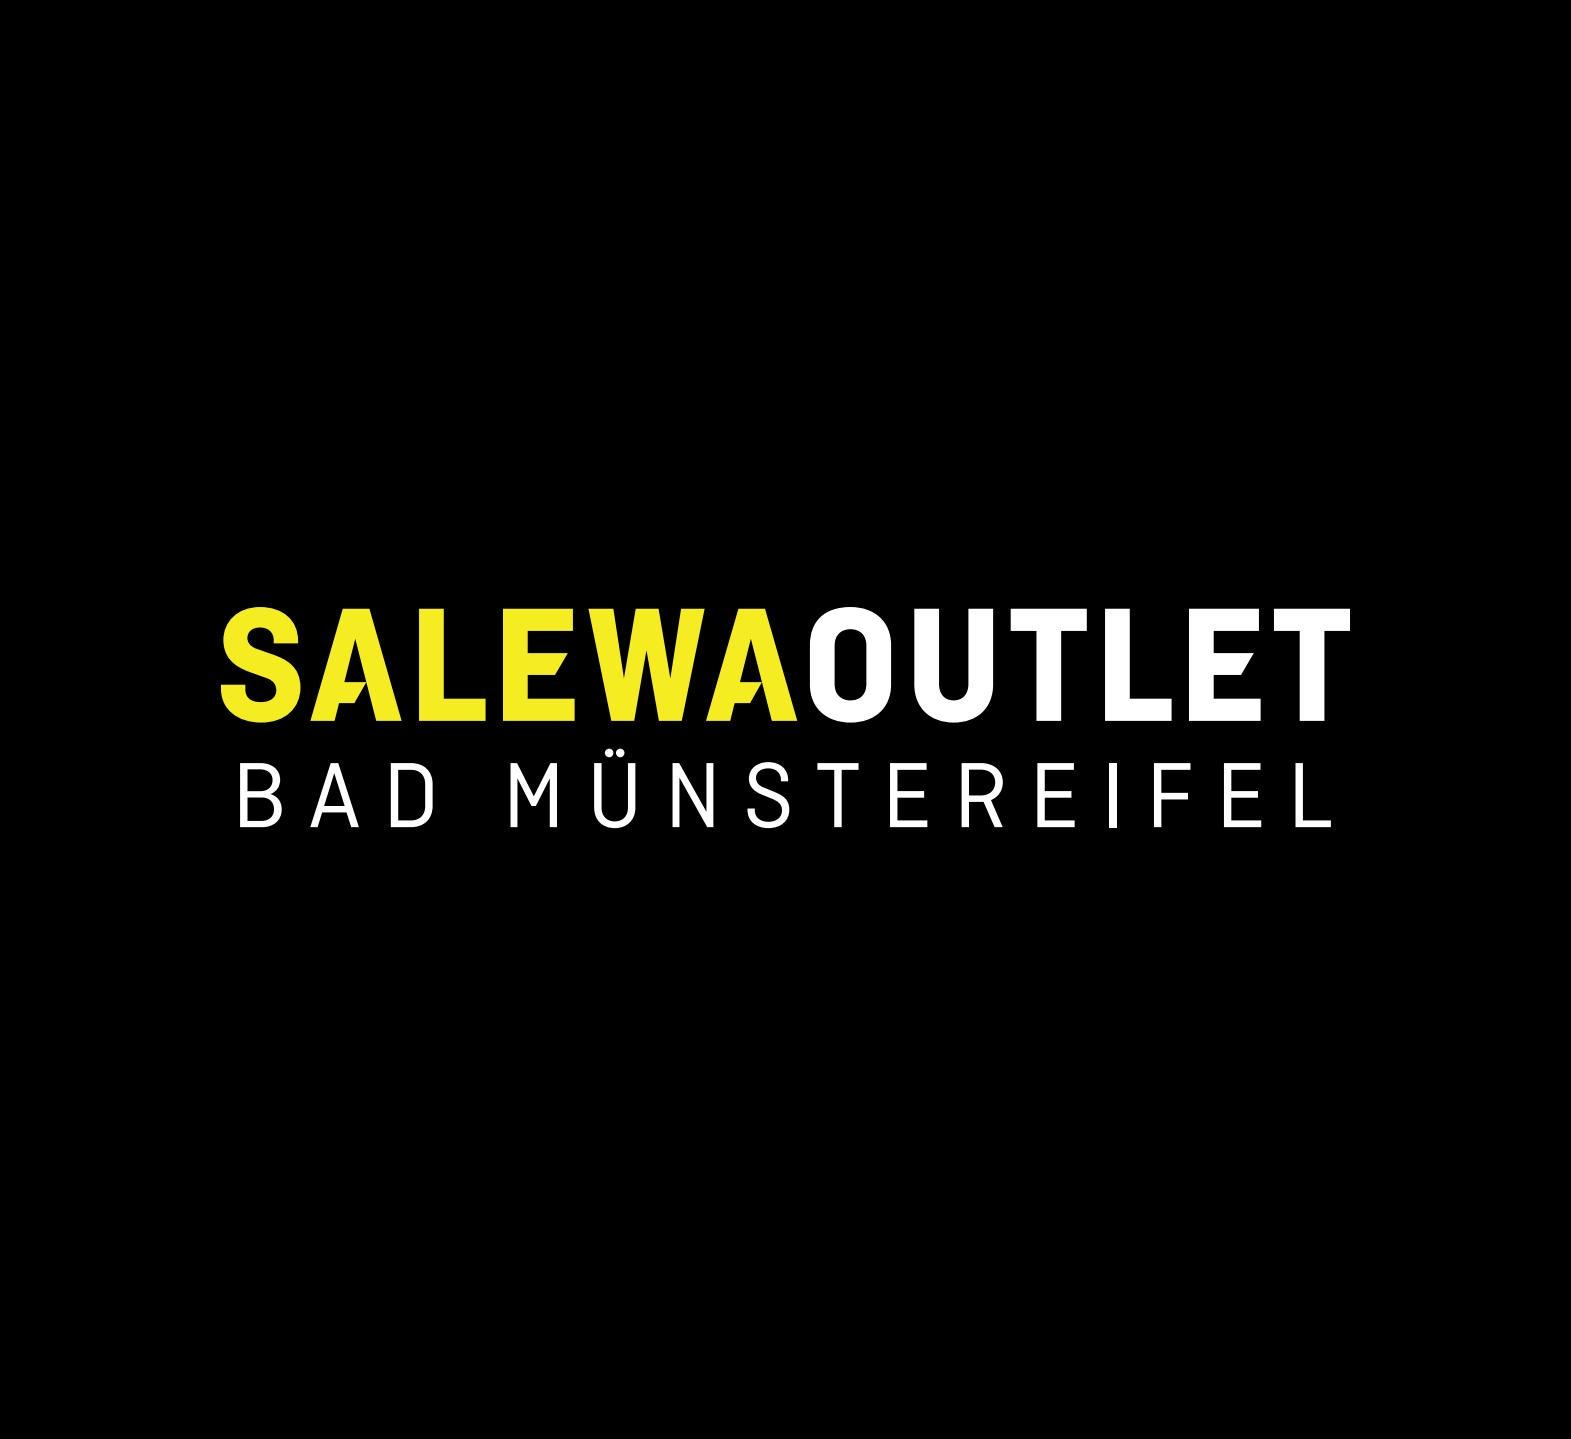 Salewa Bad Münstereifel